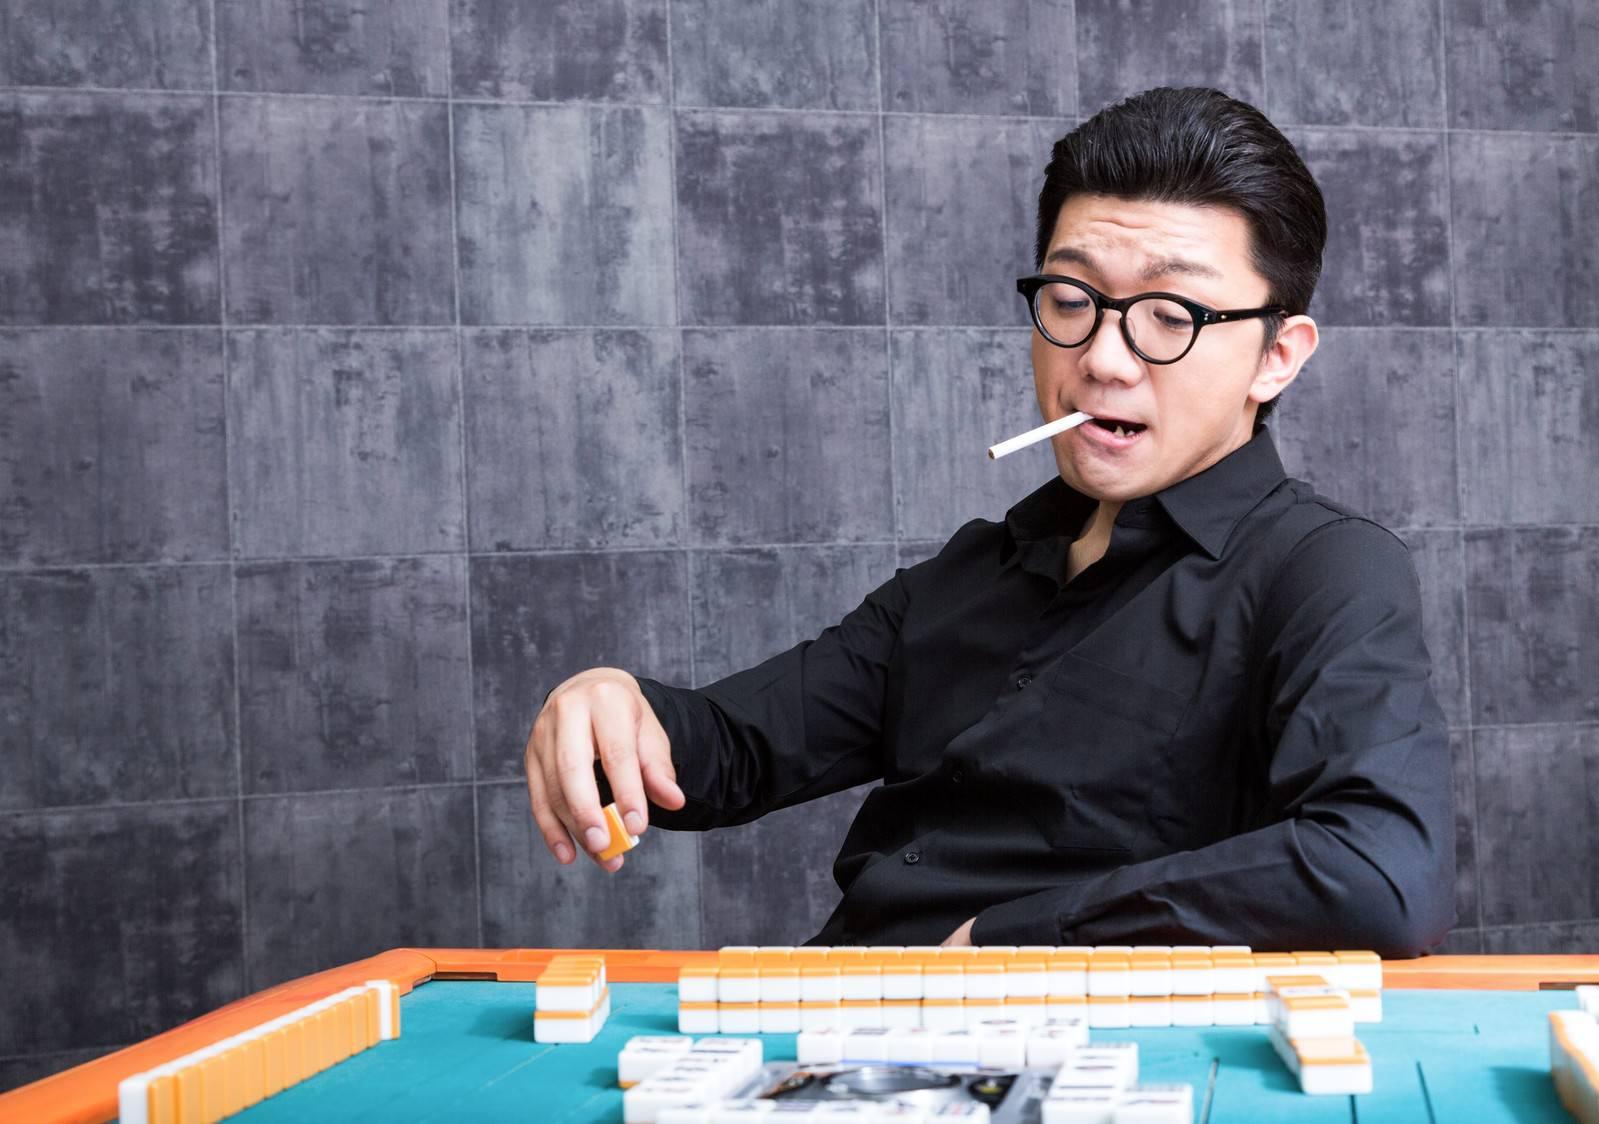 「麻雀マナー:くわえタバコはご遠慮ください麻雀マナー:くわえタバコはご遠慮ください」[モデル:OZPA]のフリー写真素材を拡大